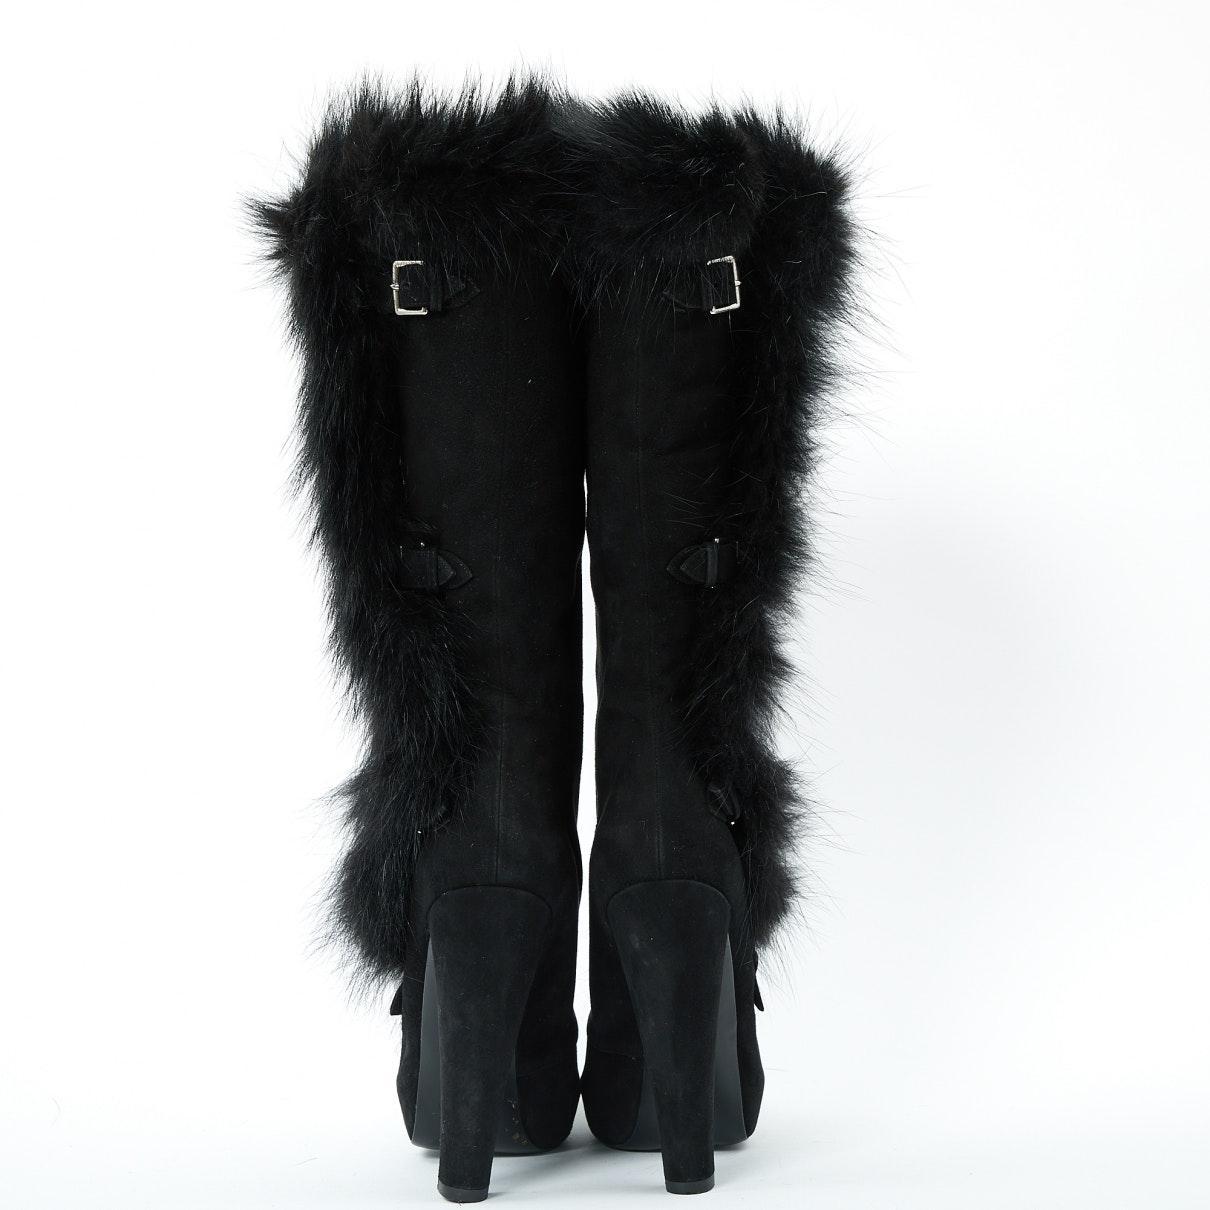 Botas en ante negro N Hermès de Ante de color Negro